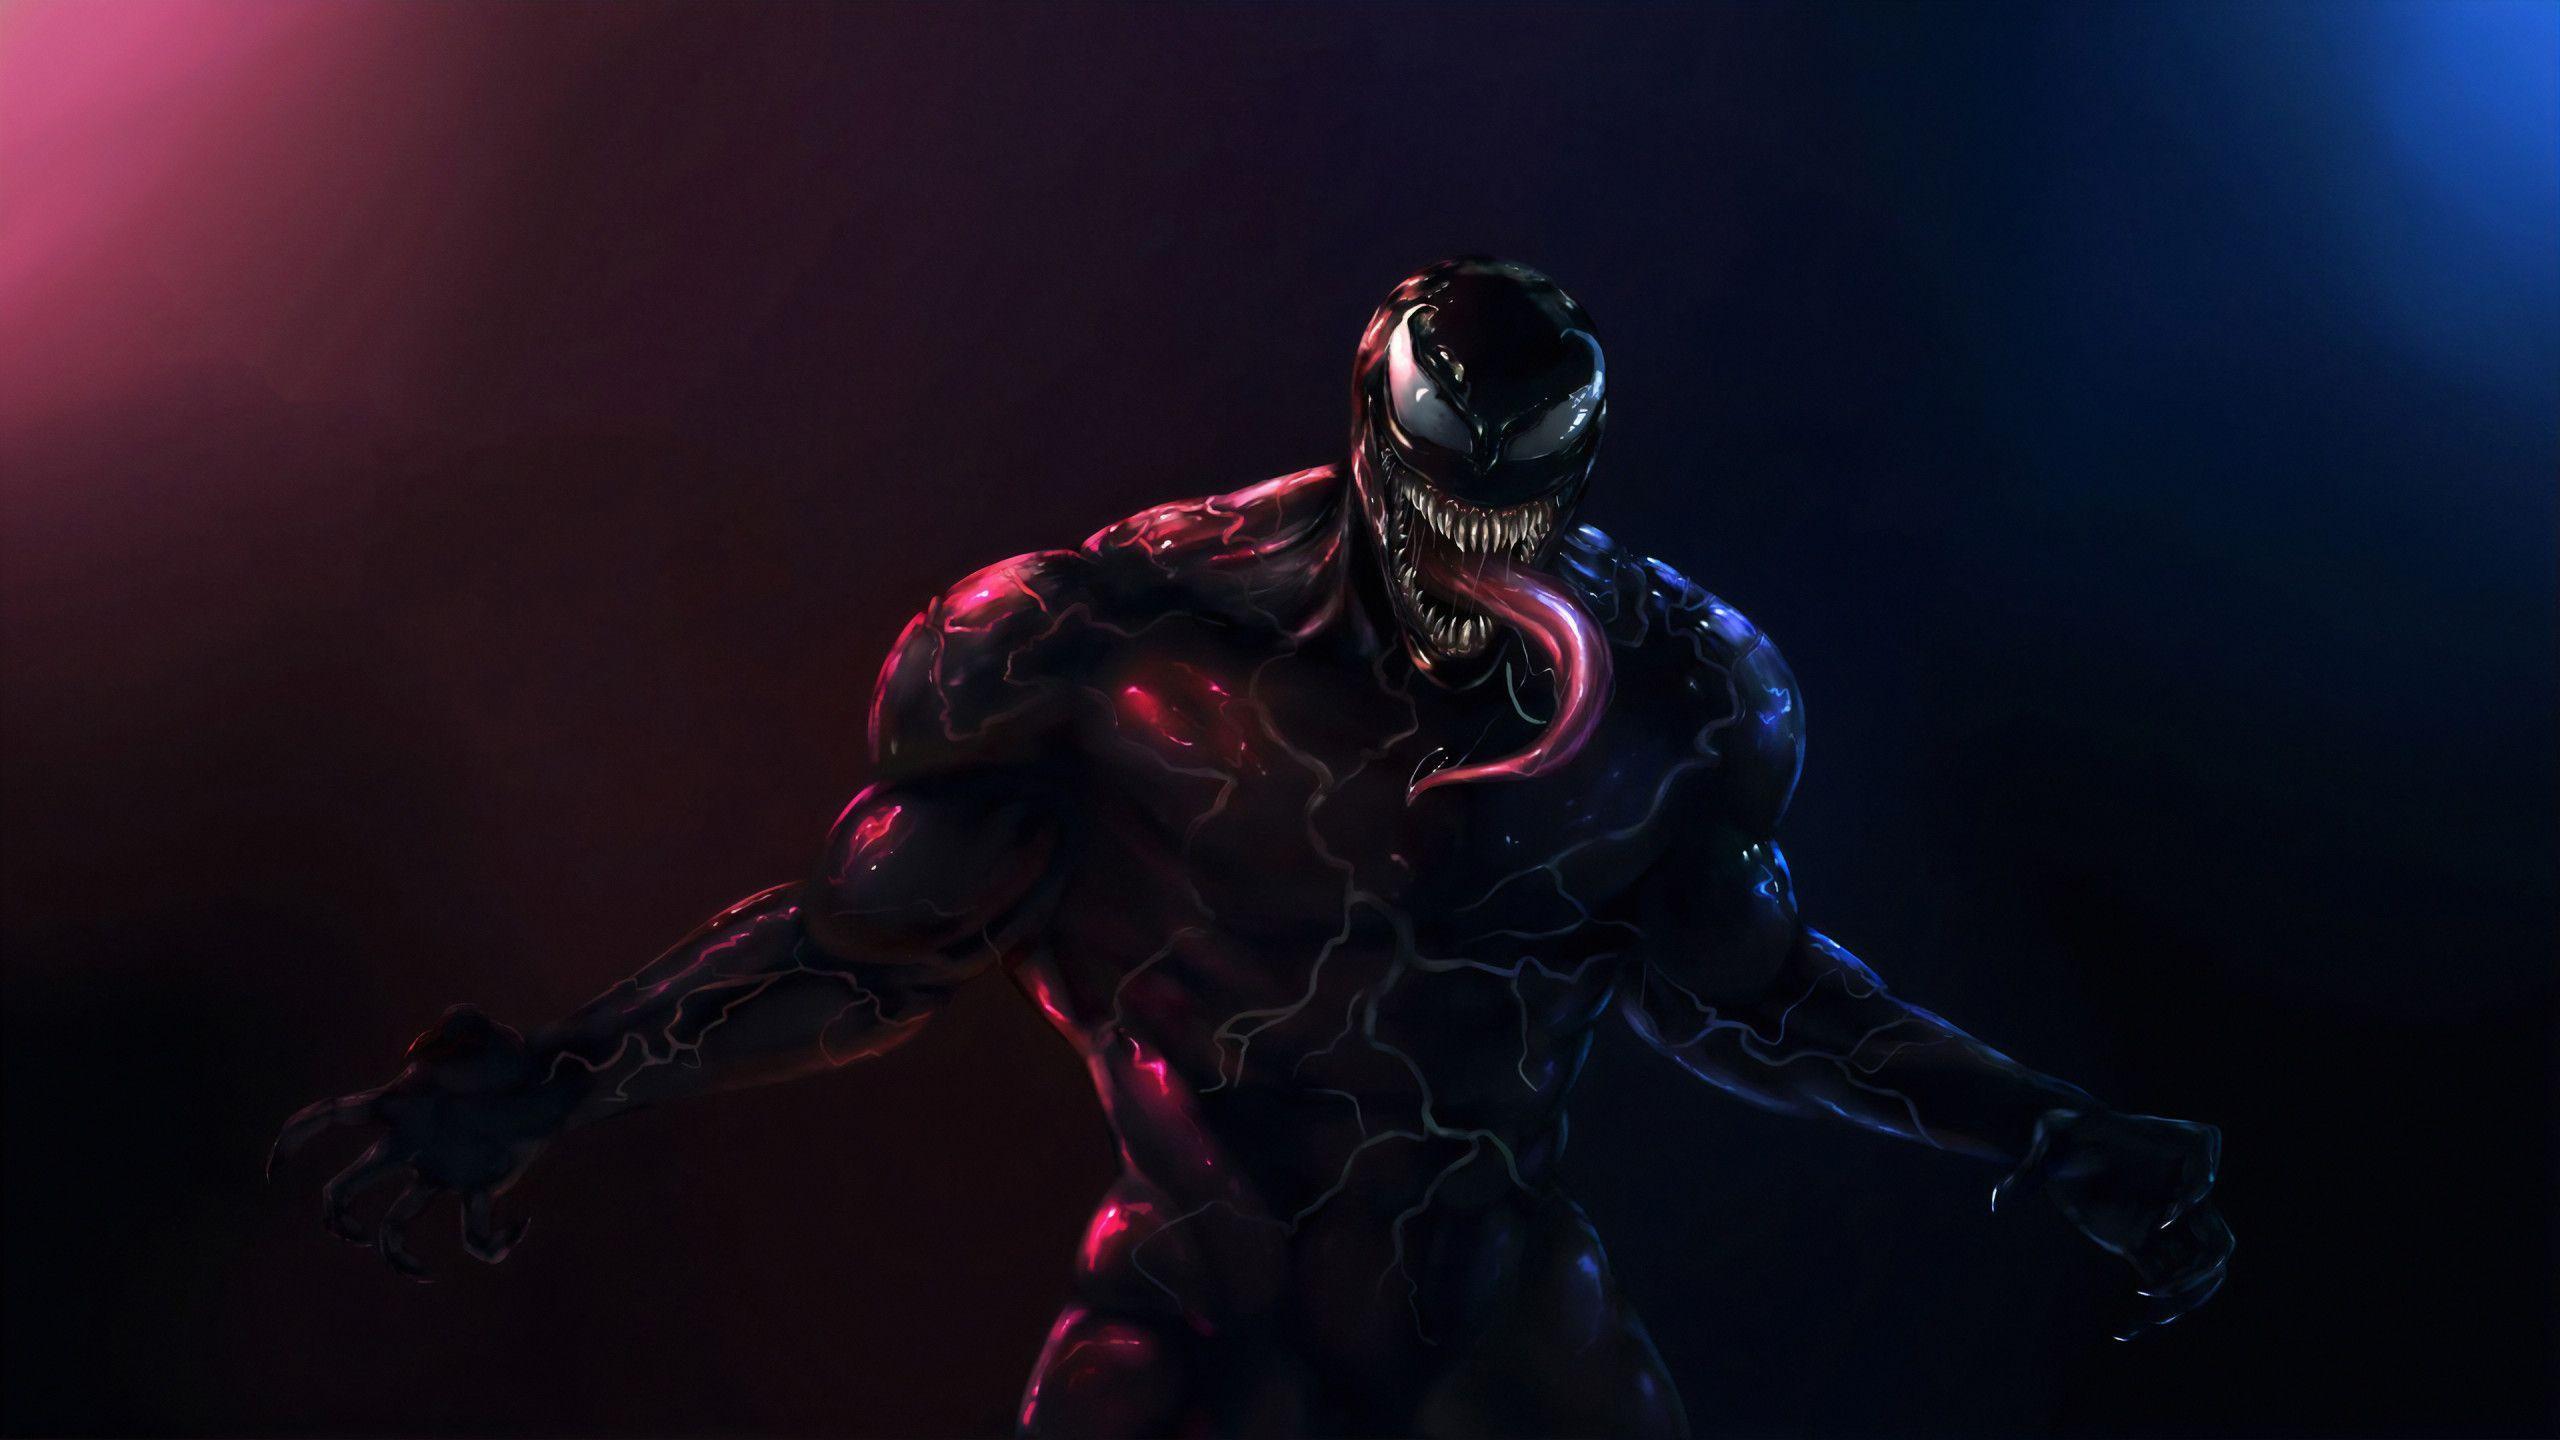 2560x1440 Venom 4k Nguy hiểm 1440P Độ phân giải HD 4k Hình nền